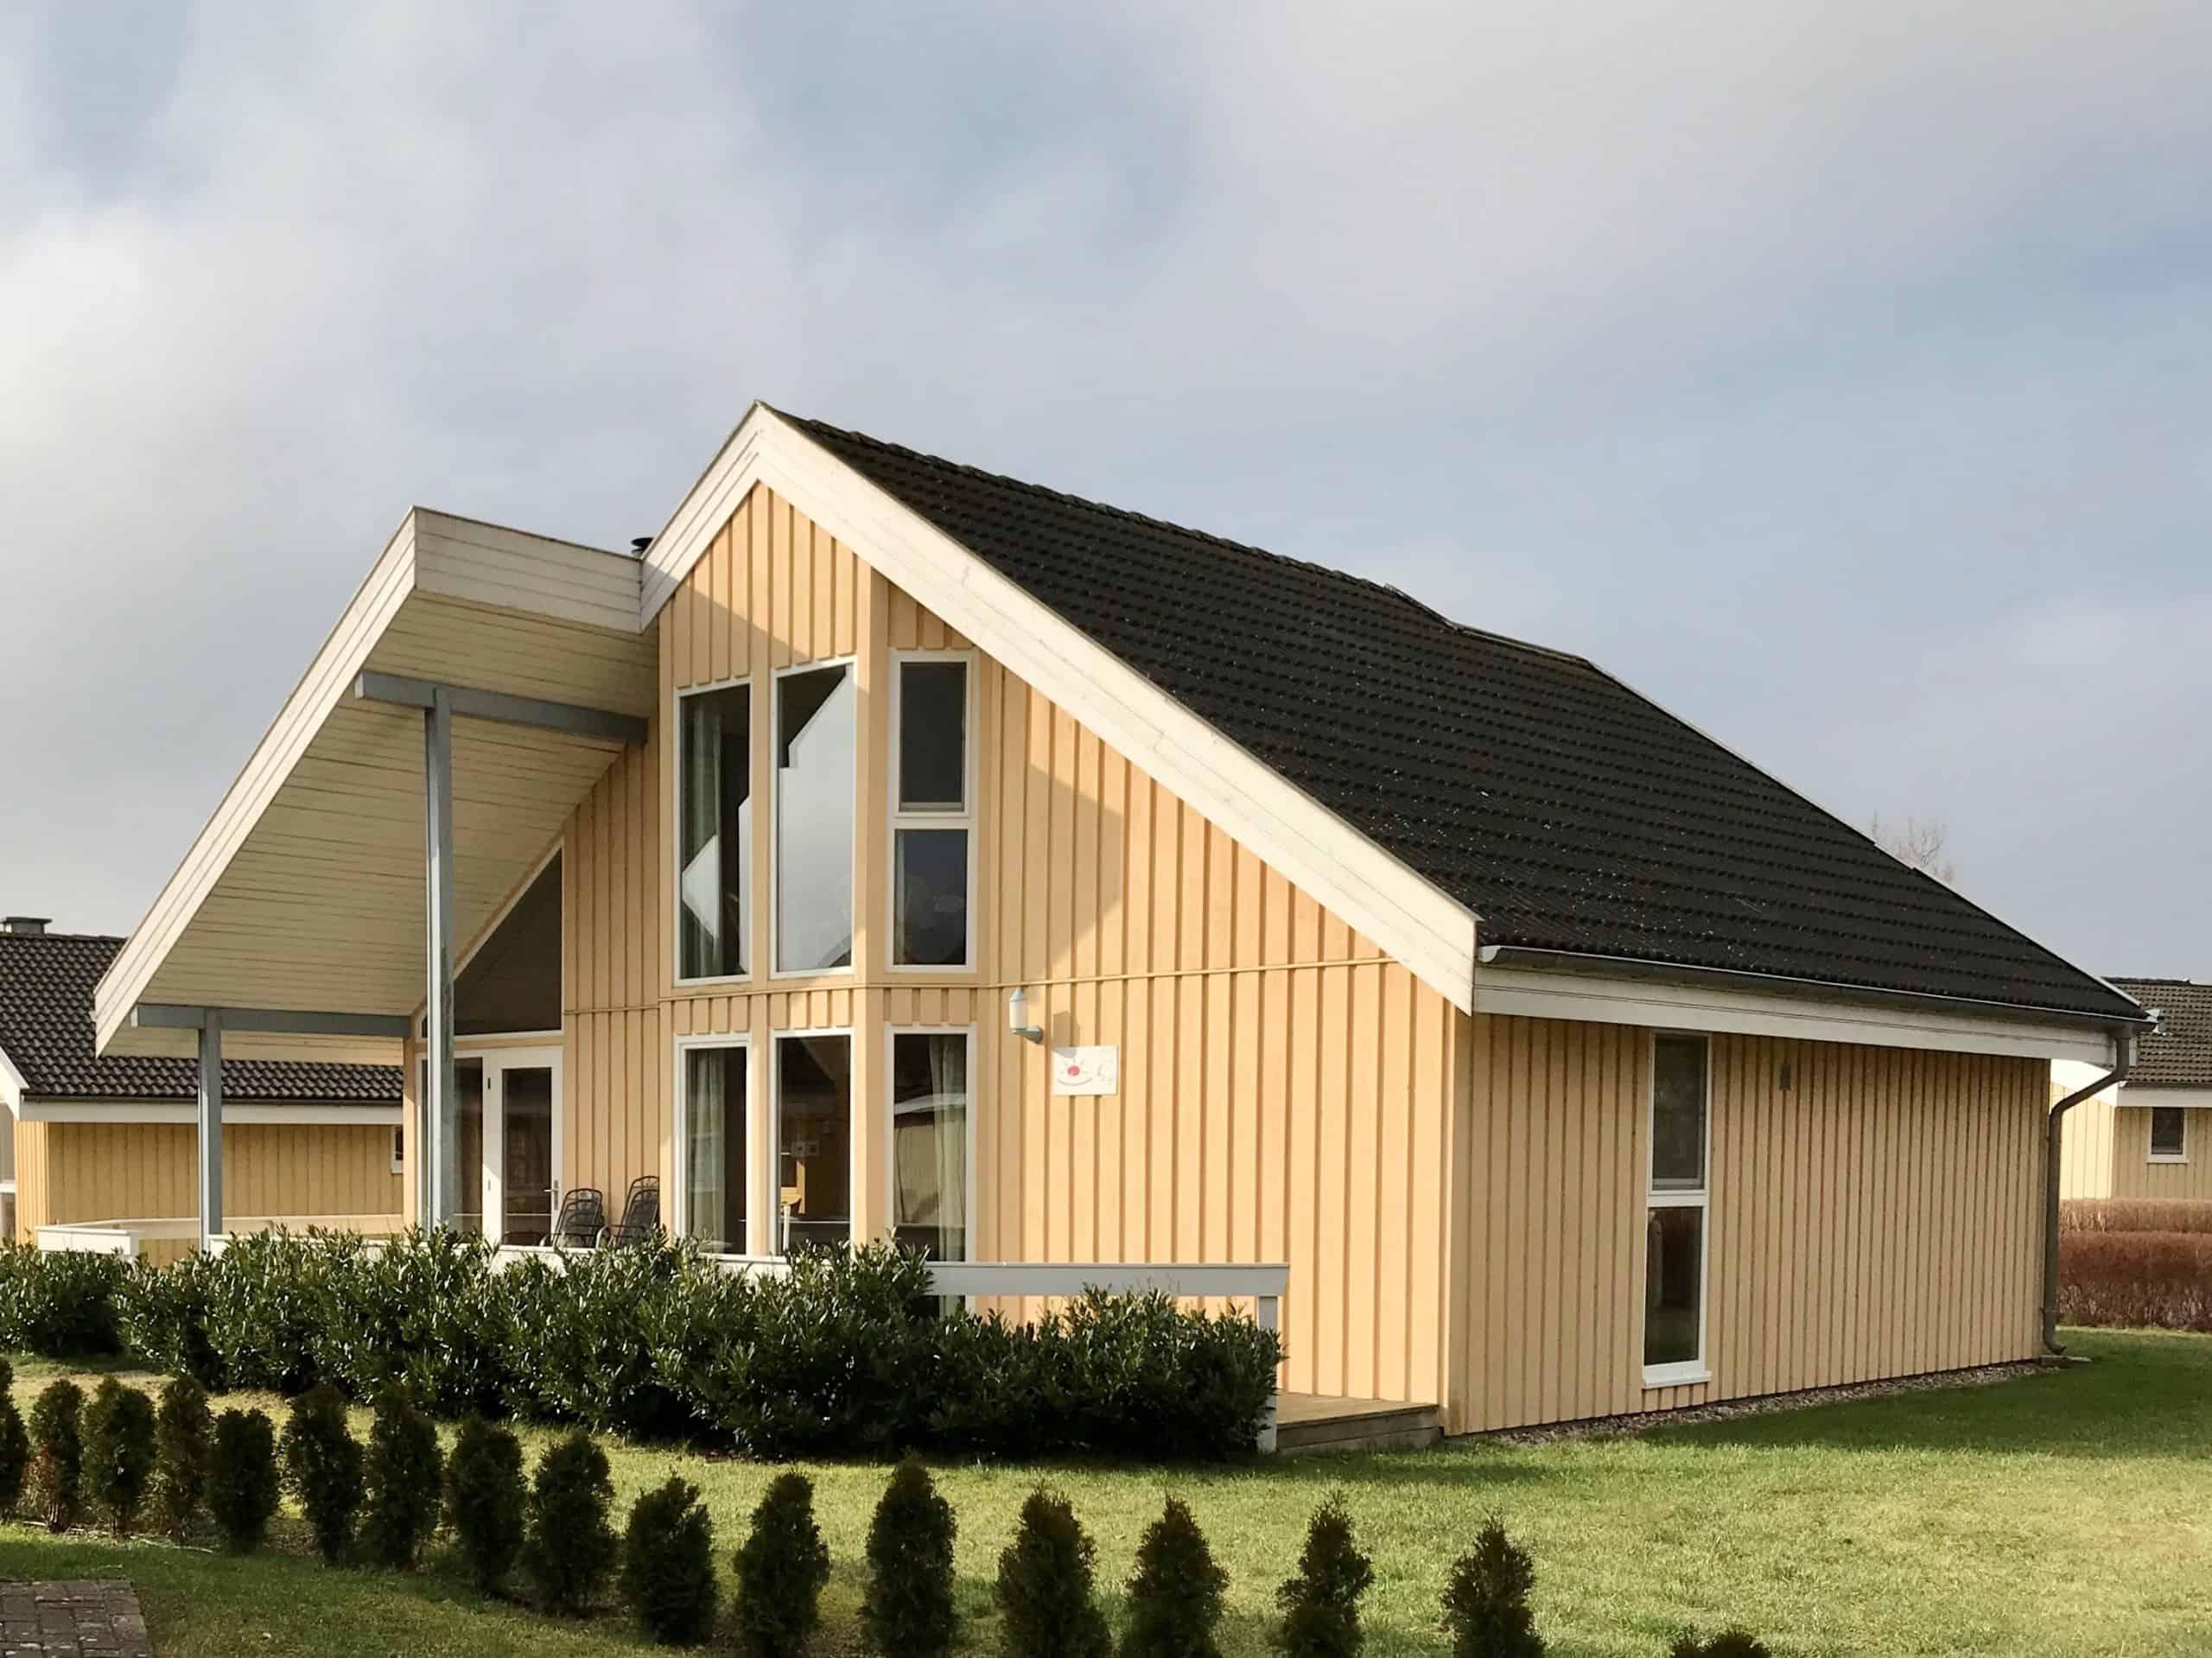 Ferienhaus Seerose mit Whirlpool inkl. Nebenkosten in Wendisch Rietz